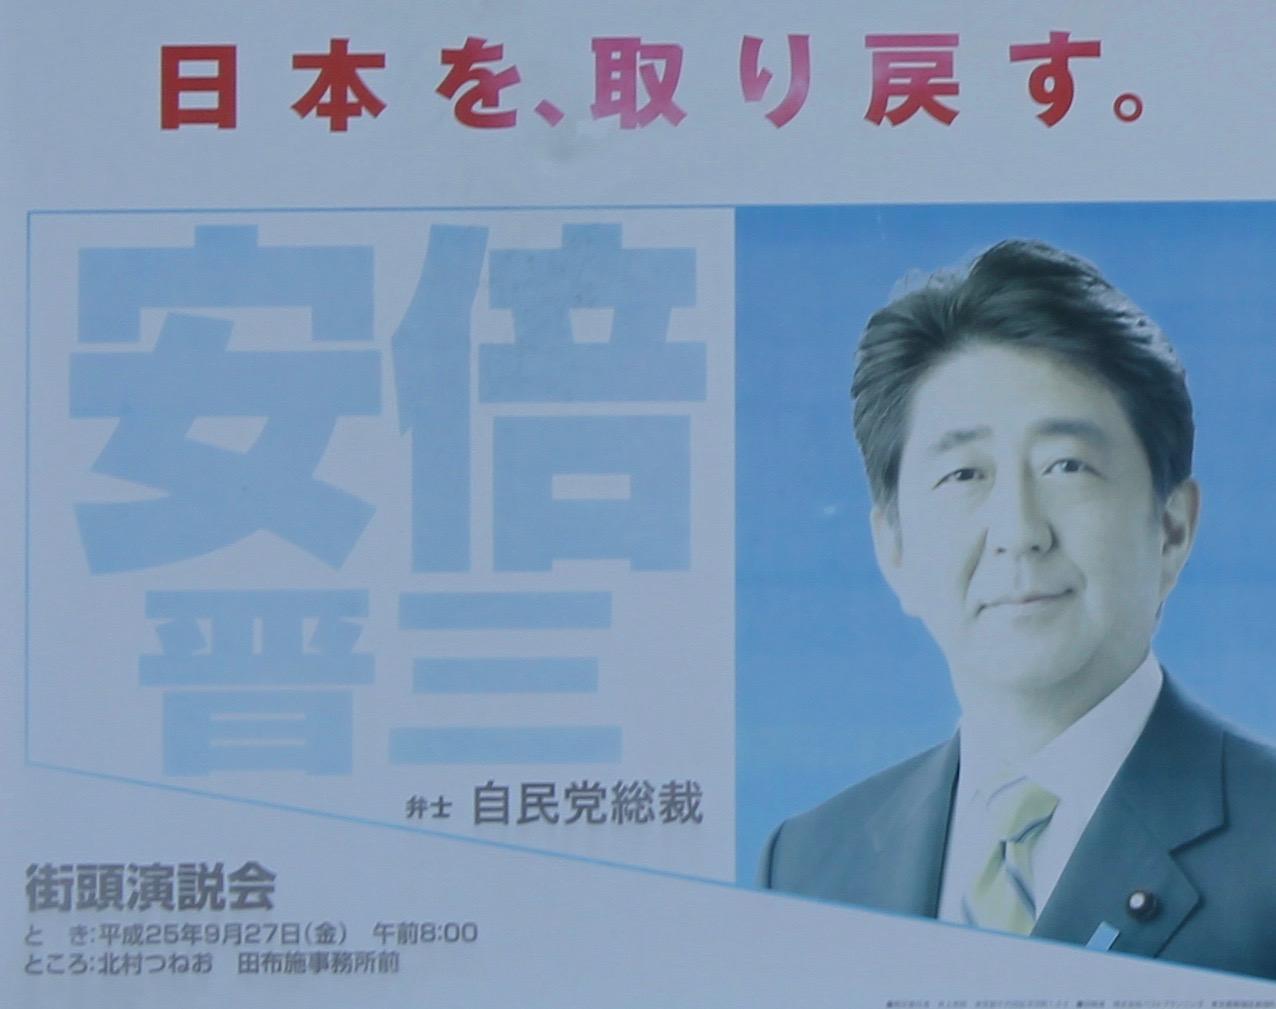 """Abes """"Nationalistisches Geschwätz"""": Olympiakritik ist anti-japanisch"""